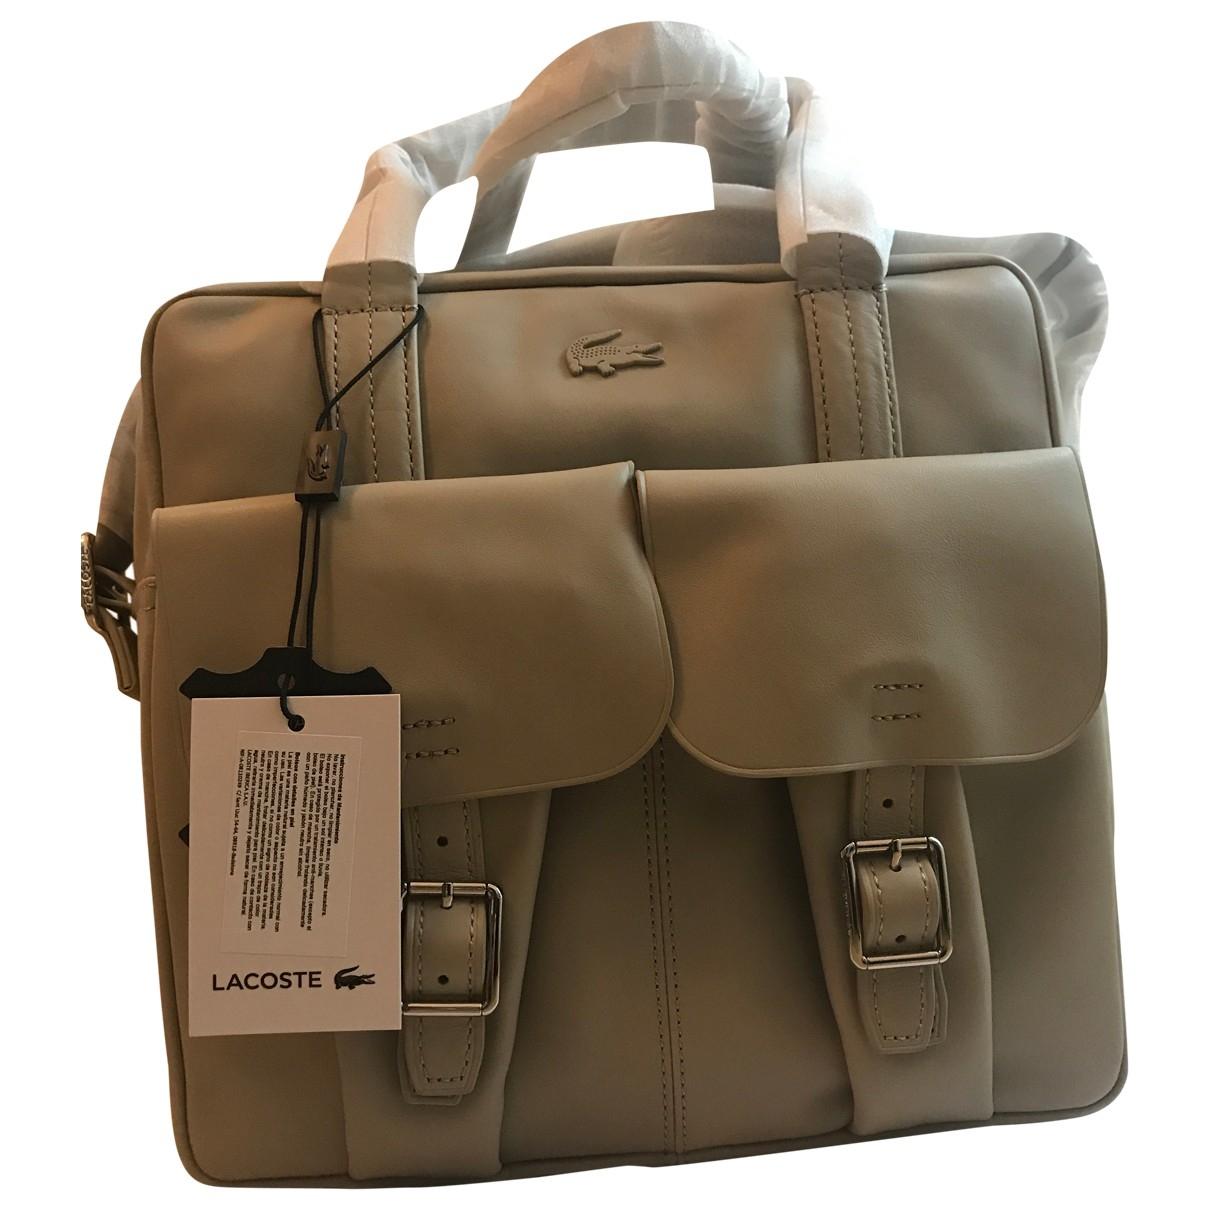 Lacoste \N White Leather handbag for Women \N